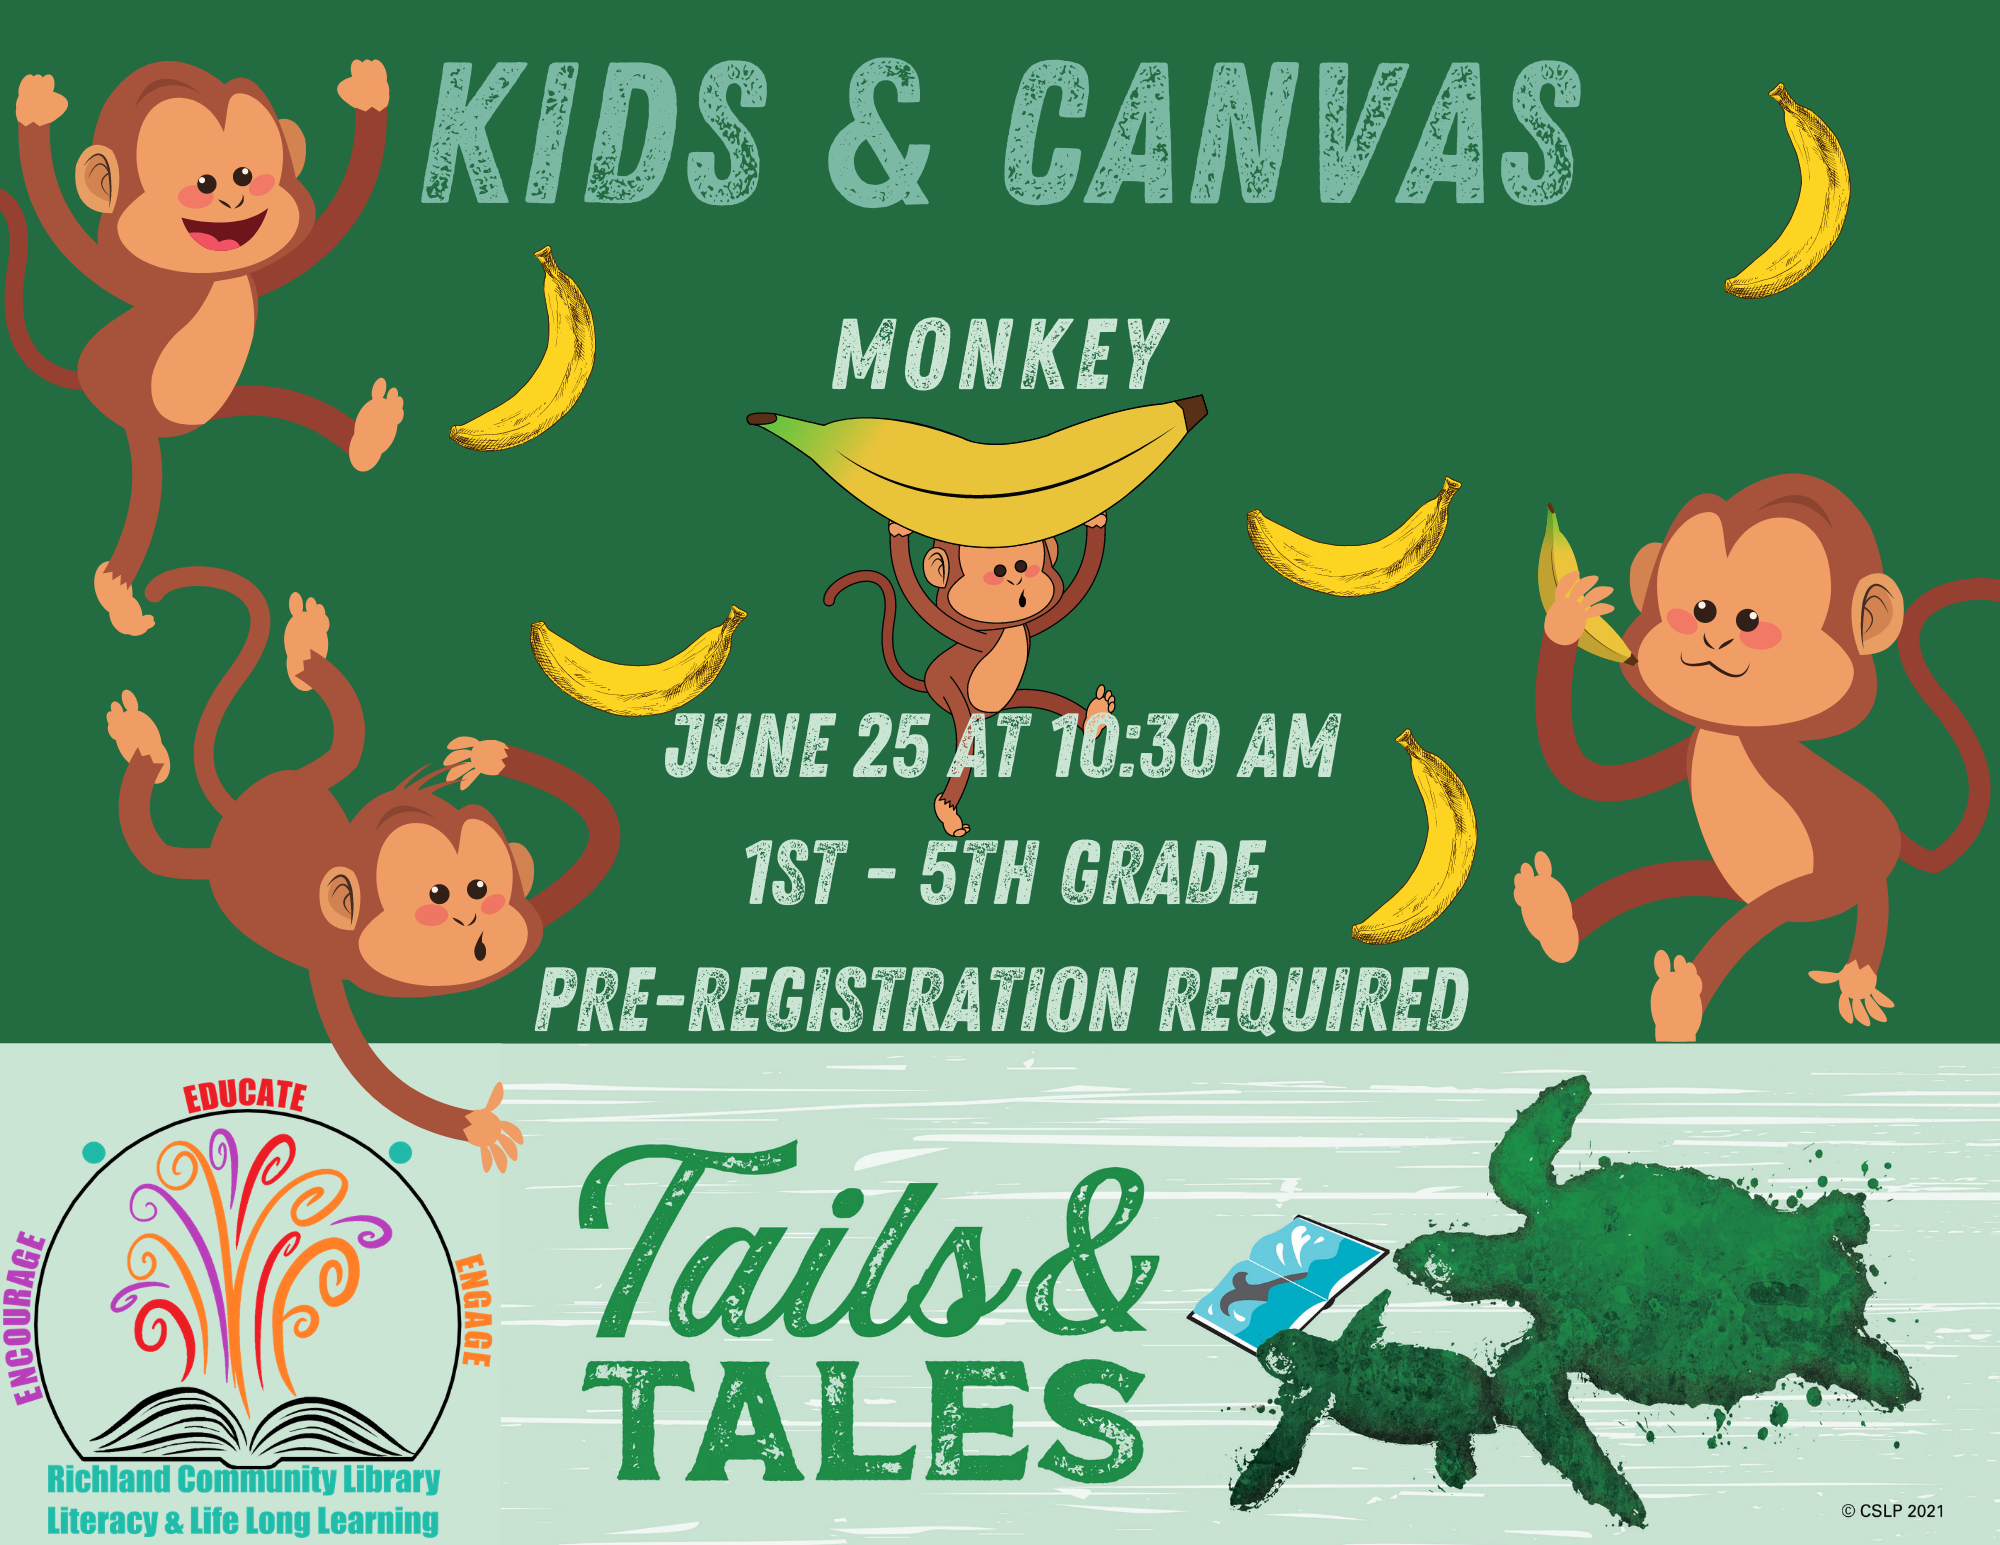 Kids & Canvas